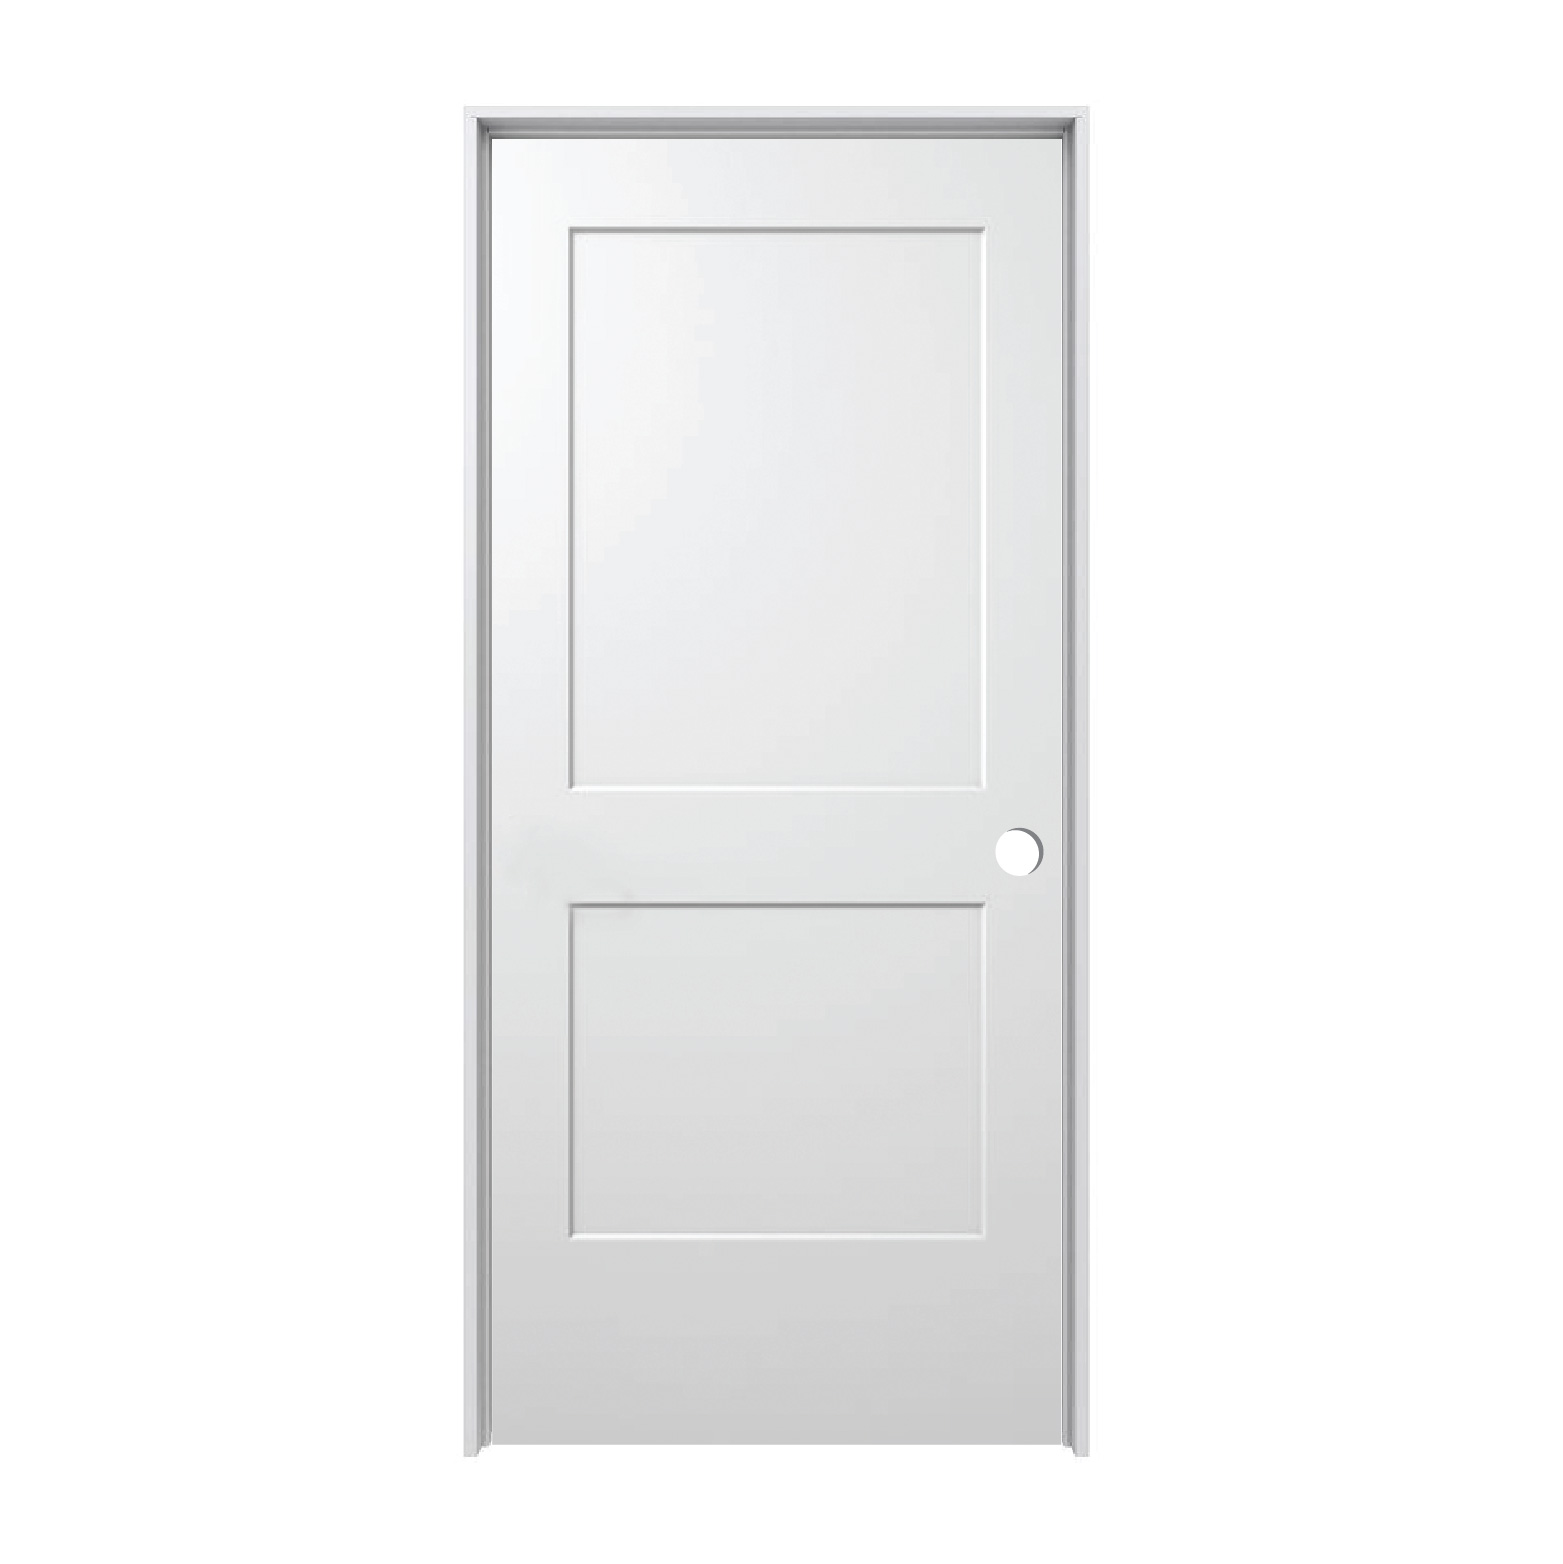 Merveilleux Hollow Core Monroe 2 Panel Prehung Door (LH) 18u2033 X 80u2033